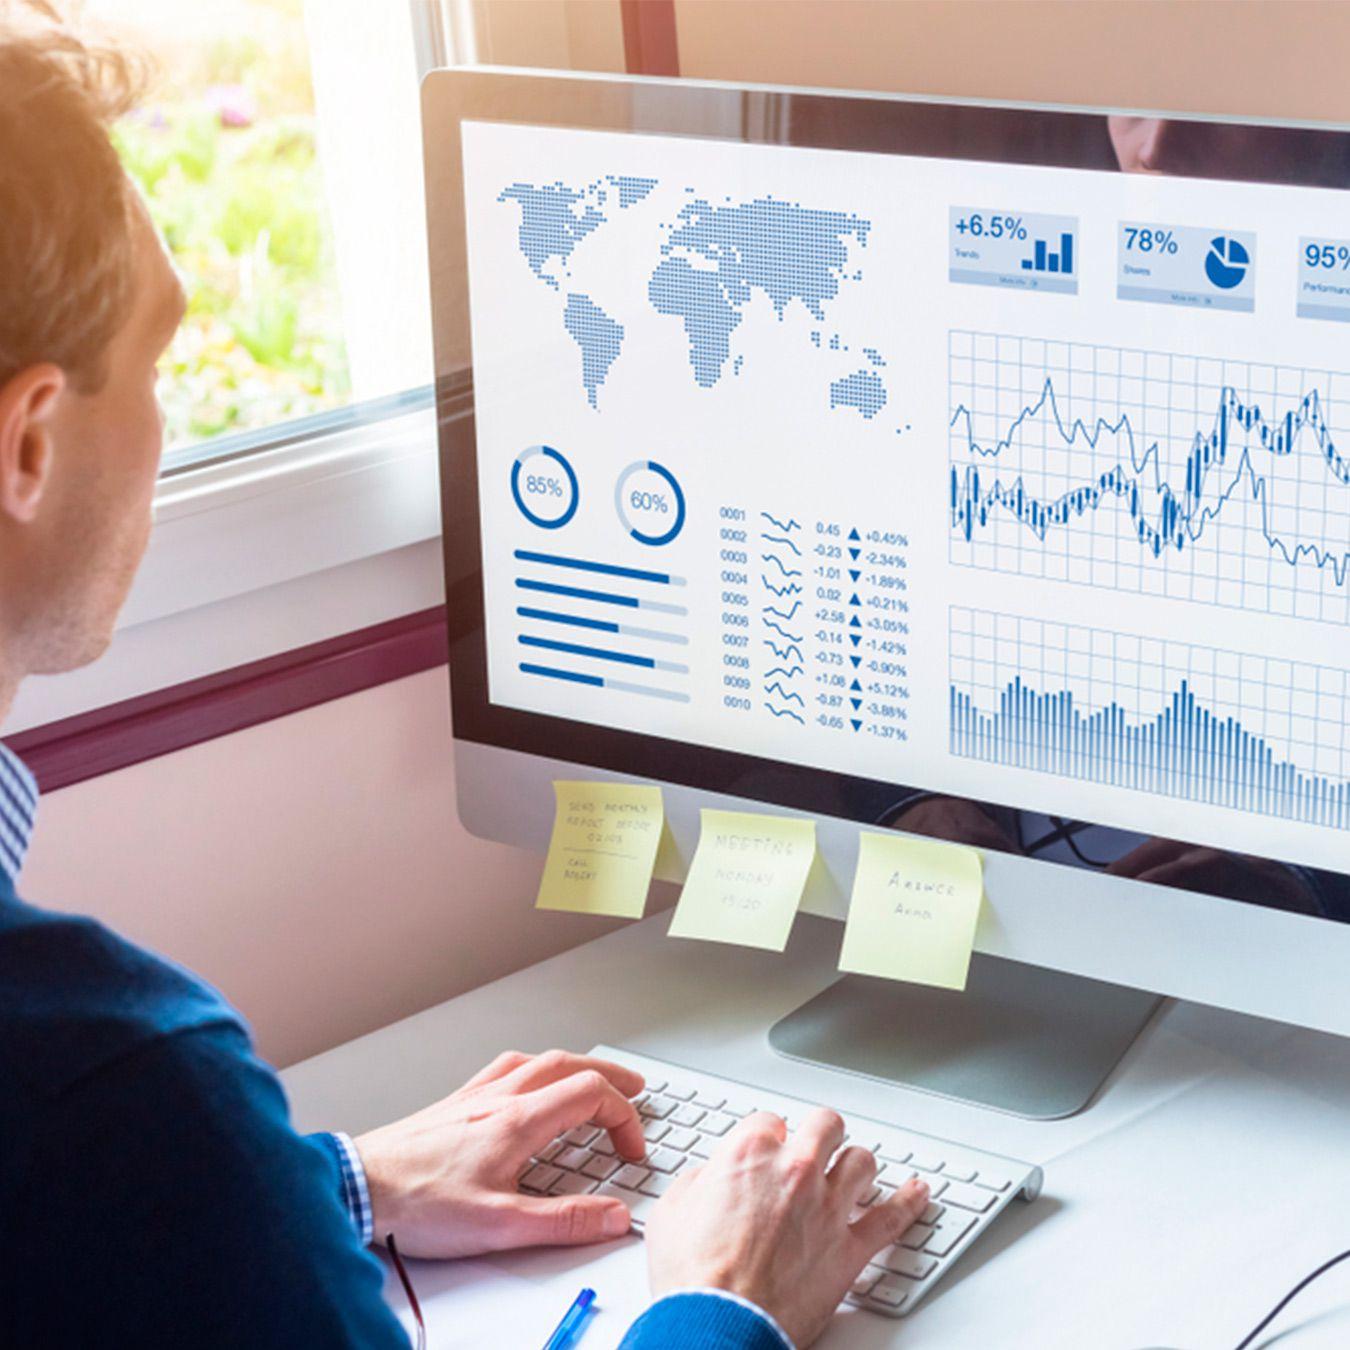 Decisões Inteligentes utilizando o Microsoft Excel  - PUC Minas